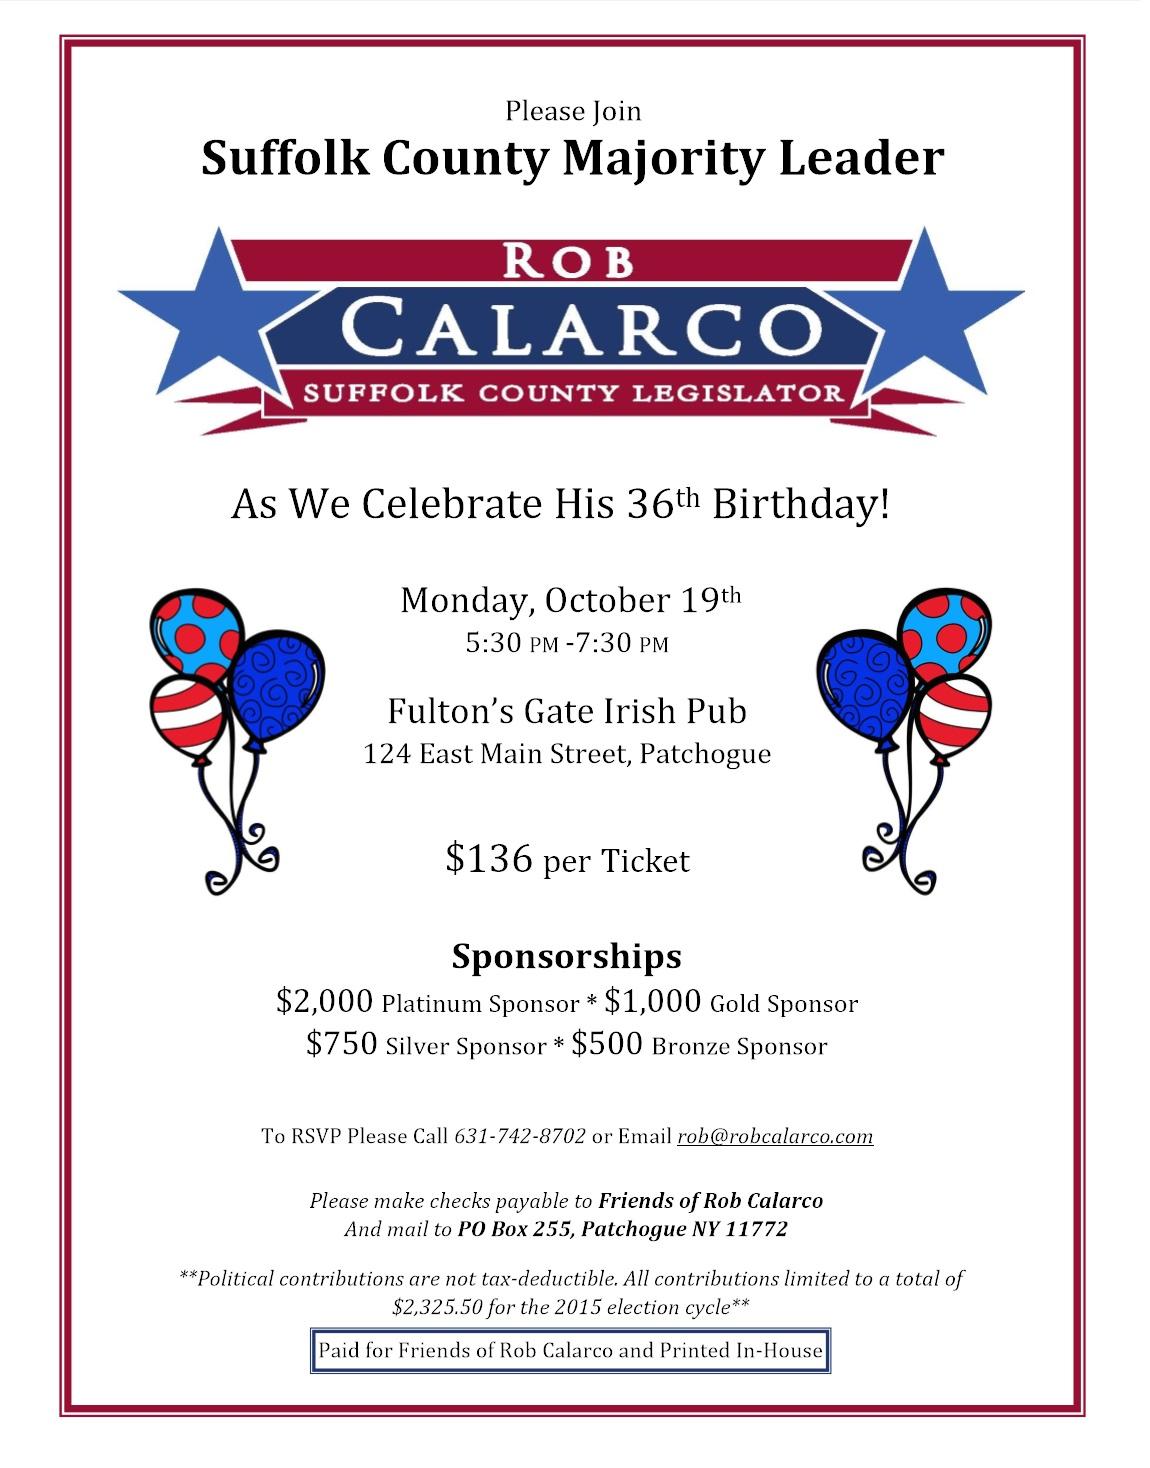 20151019_Rob_Calarco_Invite.jpg